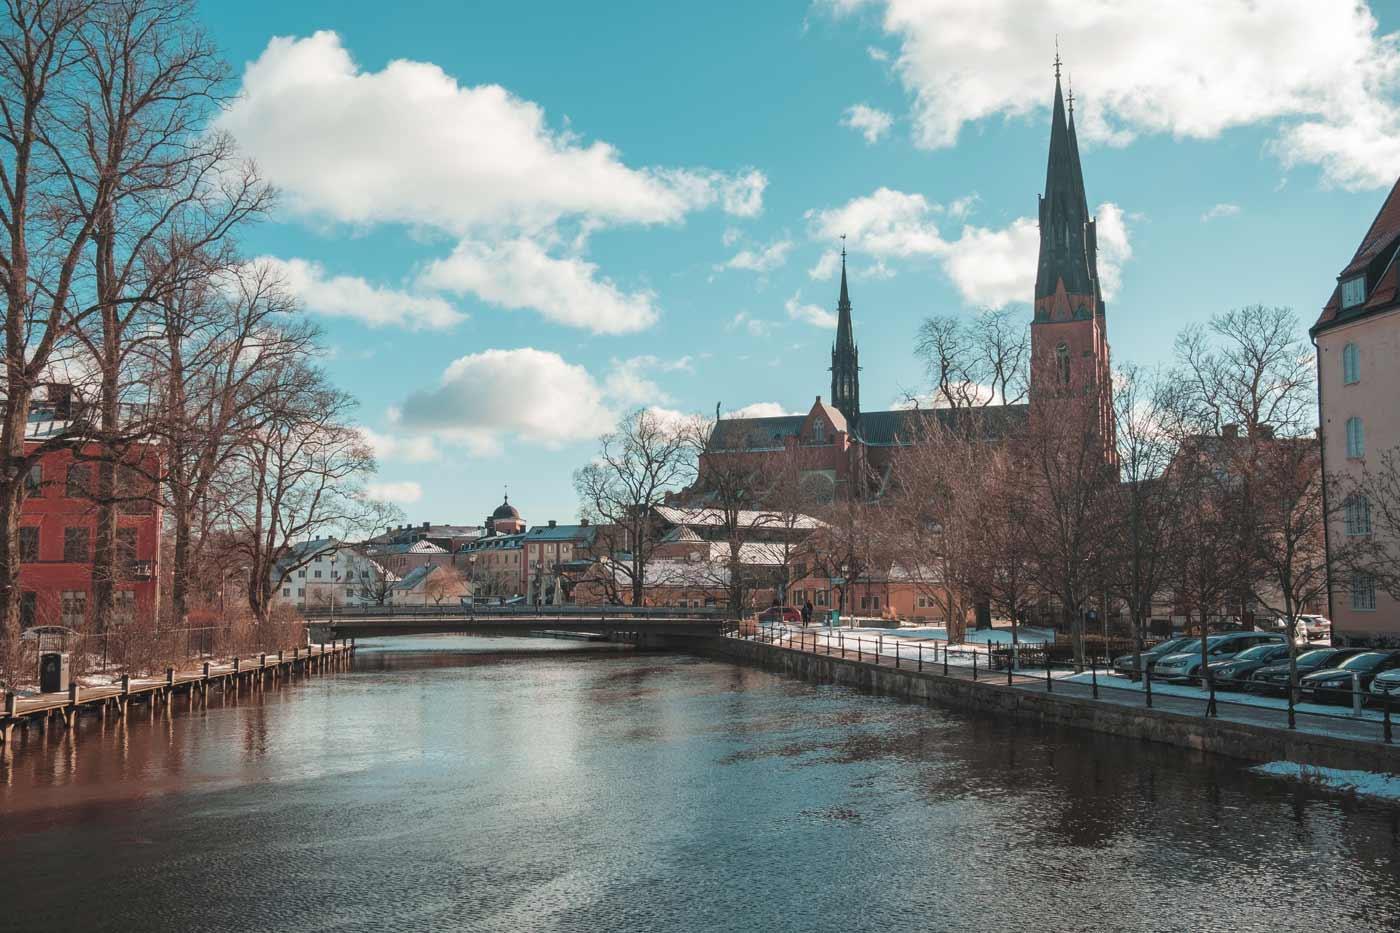 Widok na katedrę protestancką w mieście Uppsala